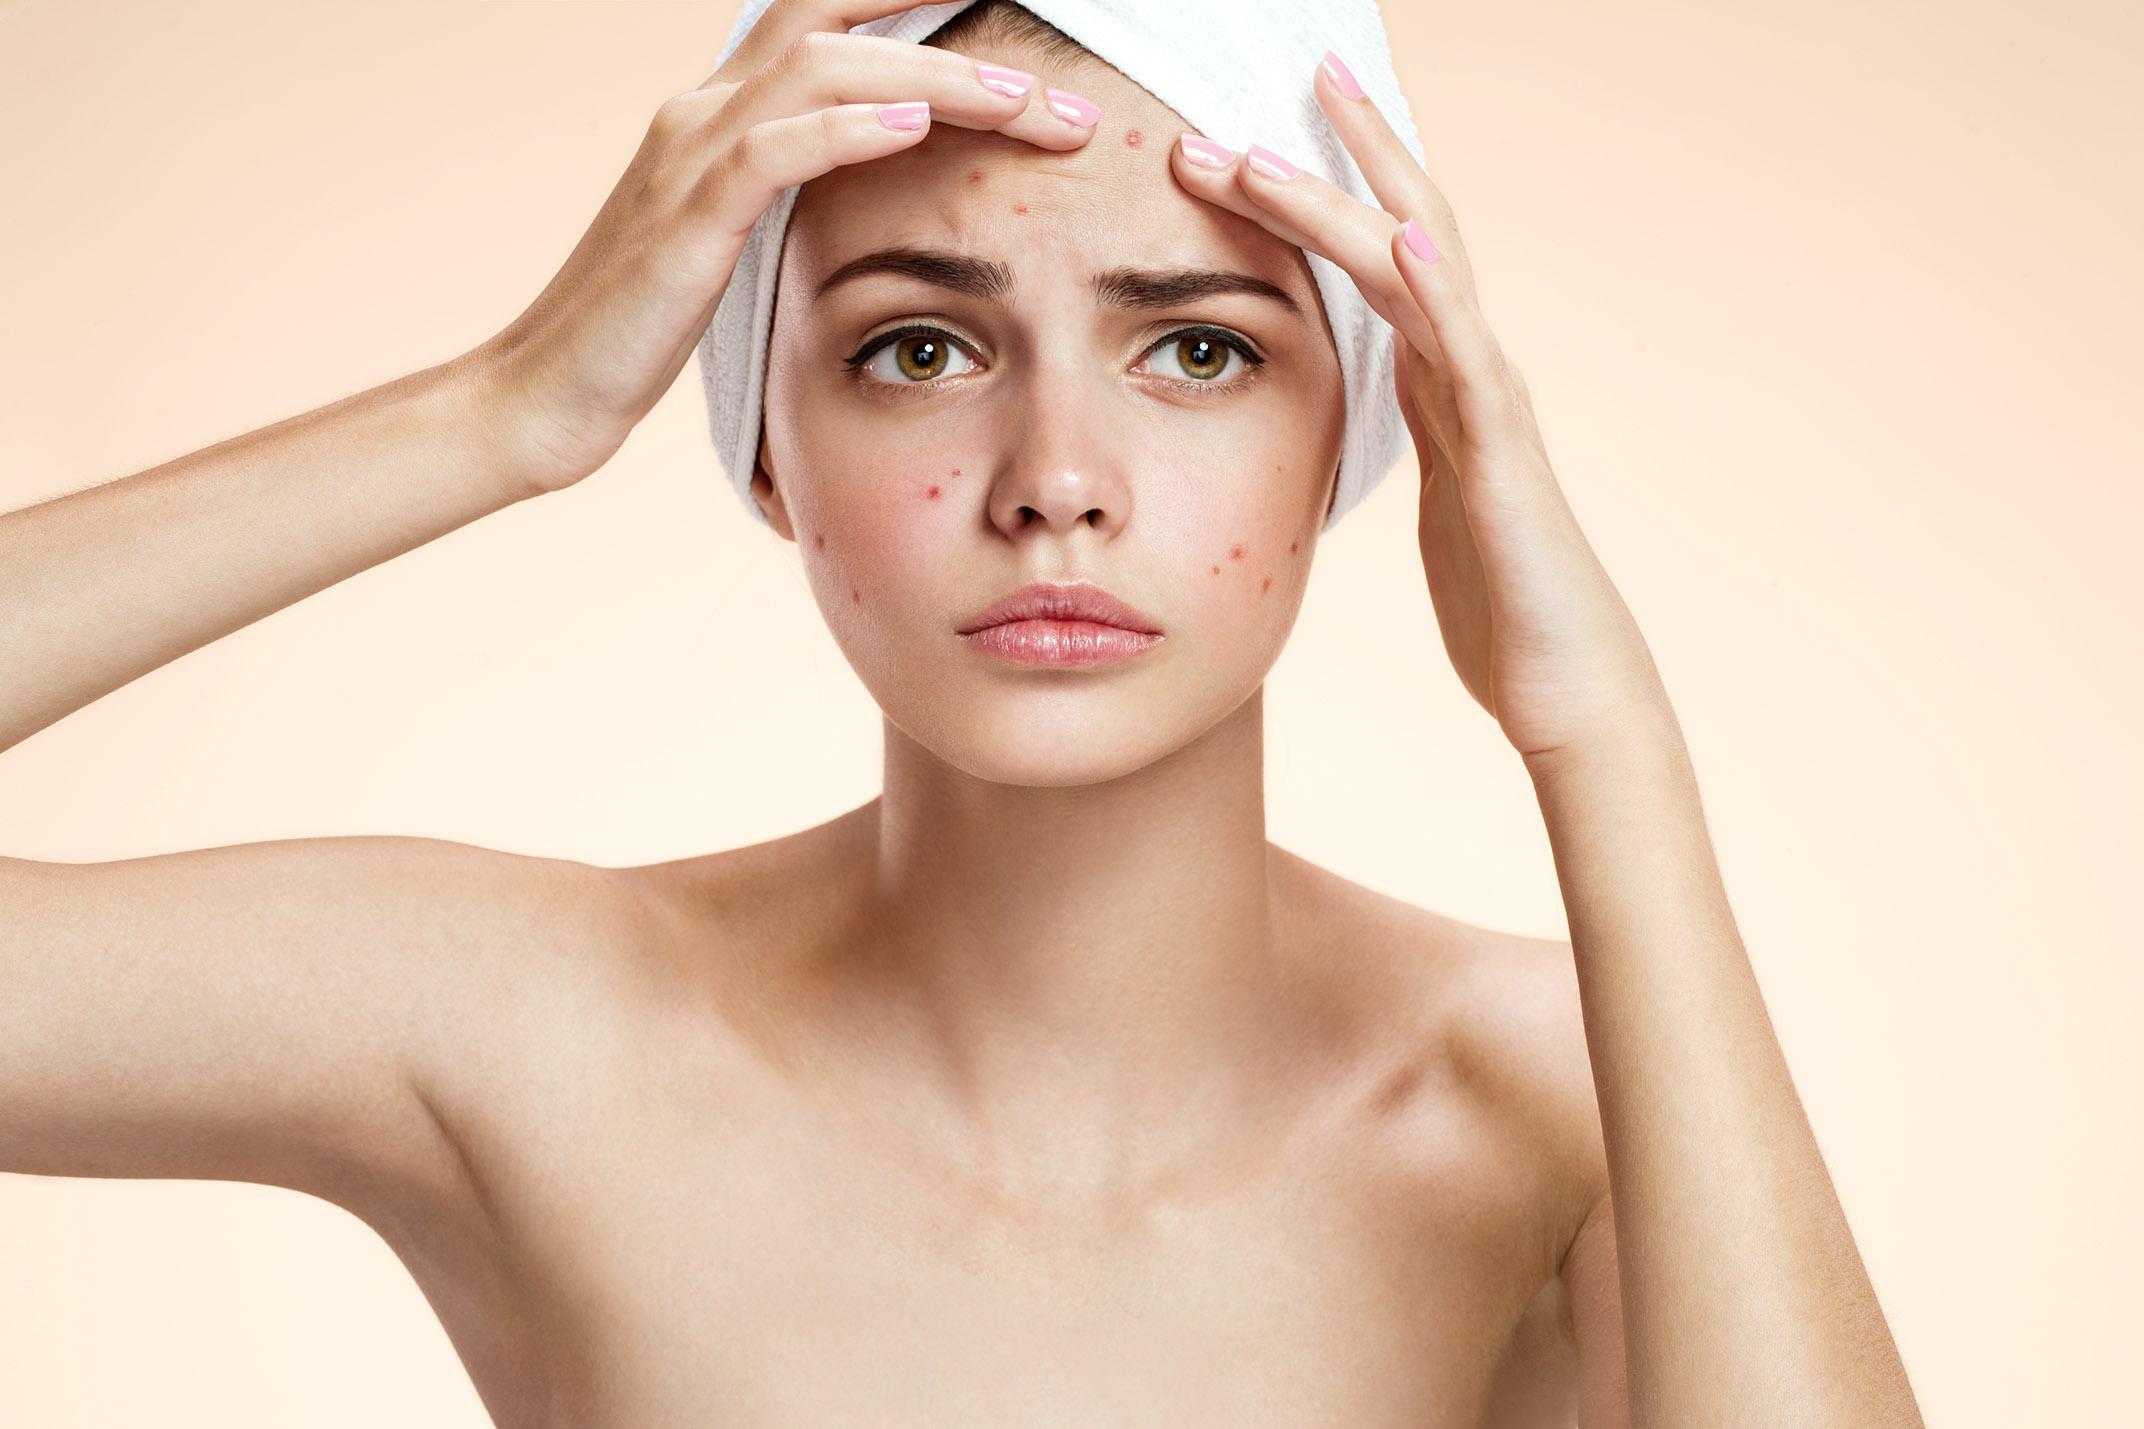 Ácido Azeláico Previne Acne e Pode Ajudar a Melhorar Aspecto de Pele Acneica